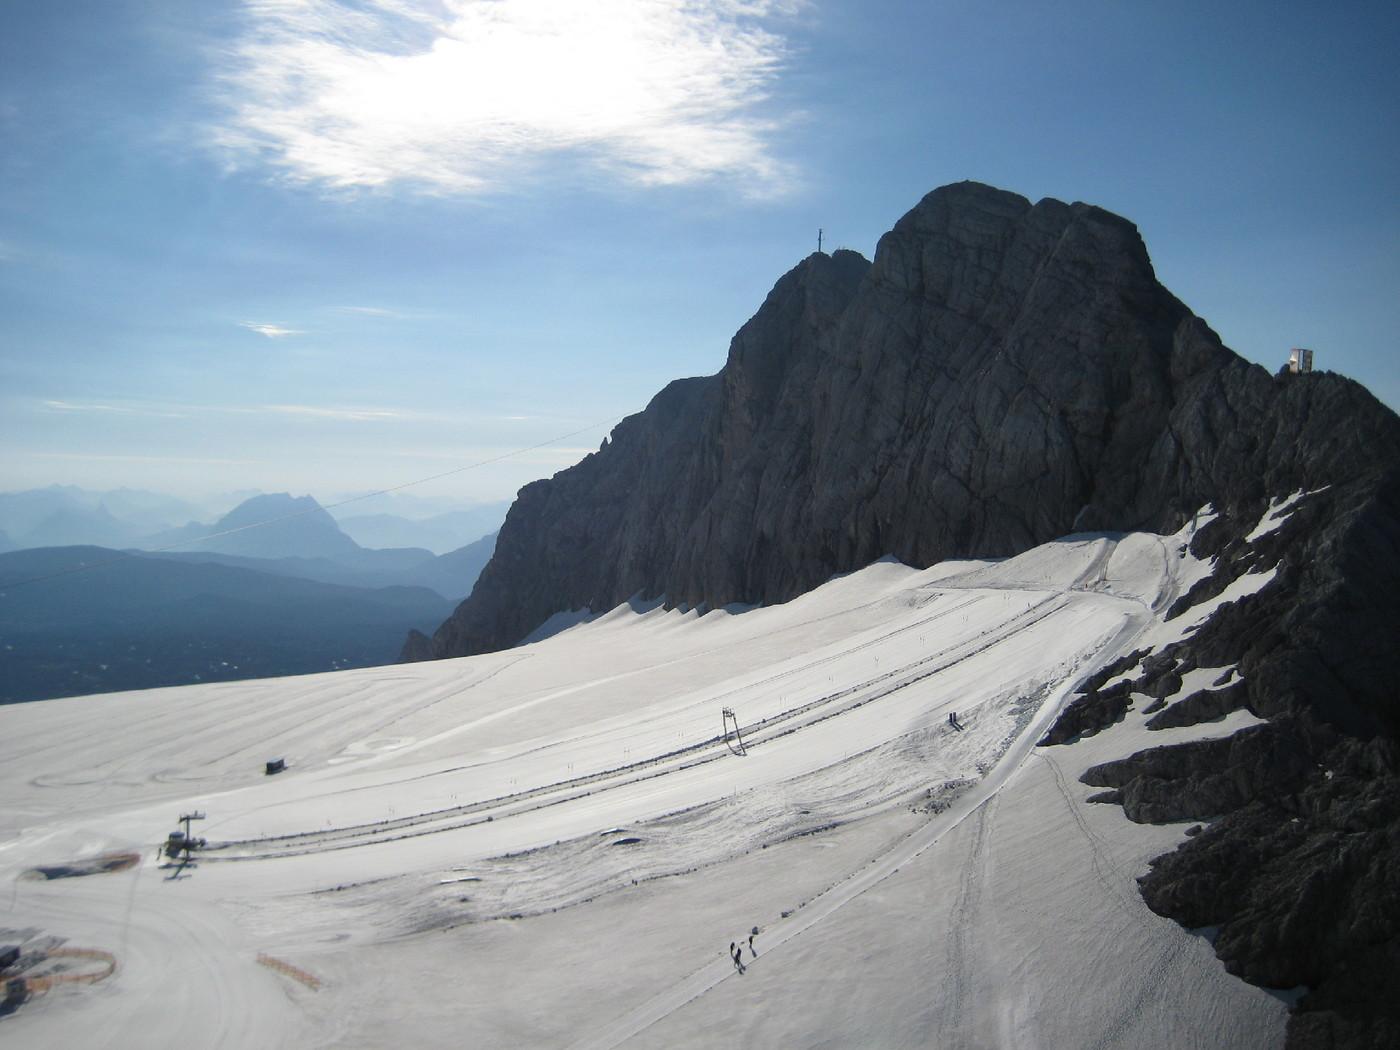 Klettersteig Dachstein : Klettern in schladming dachstein klettersteigeldorado